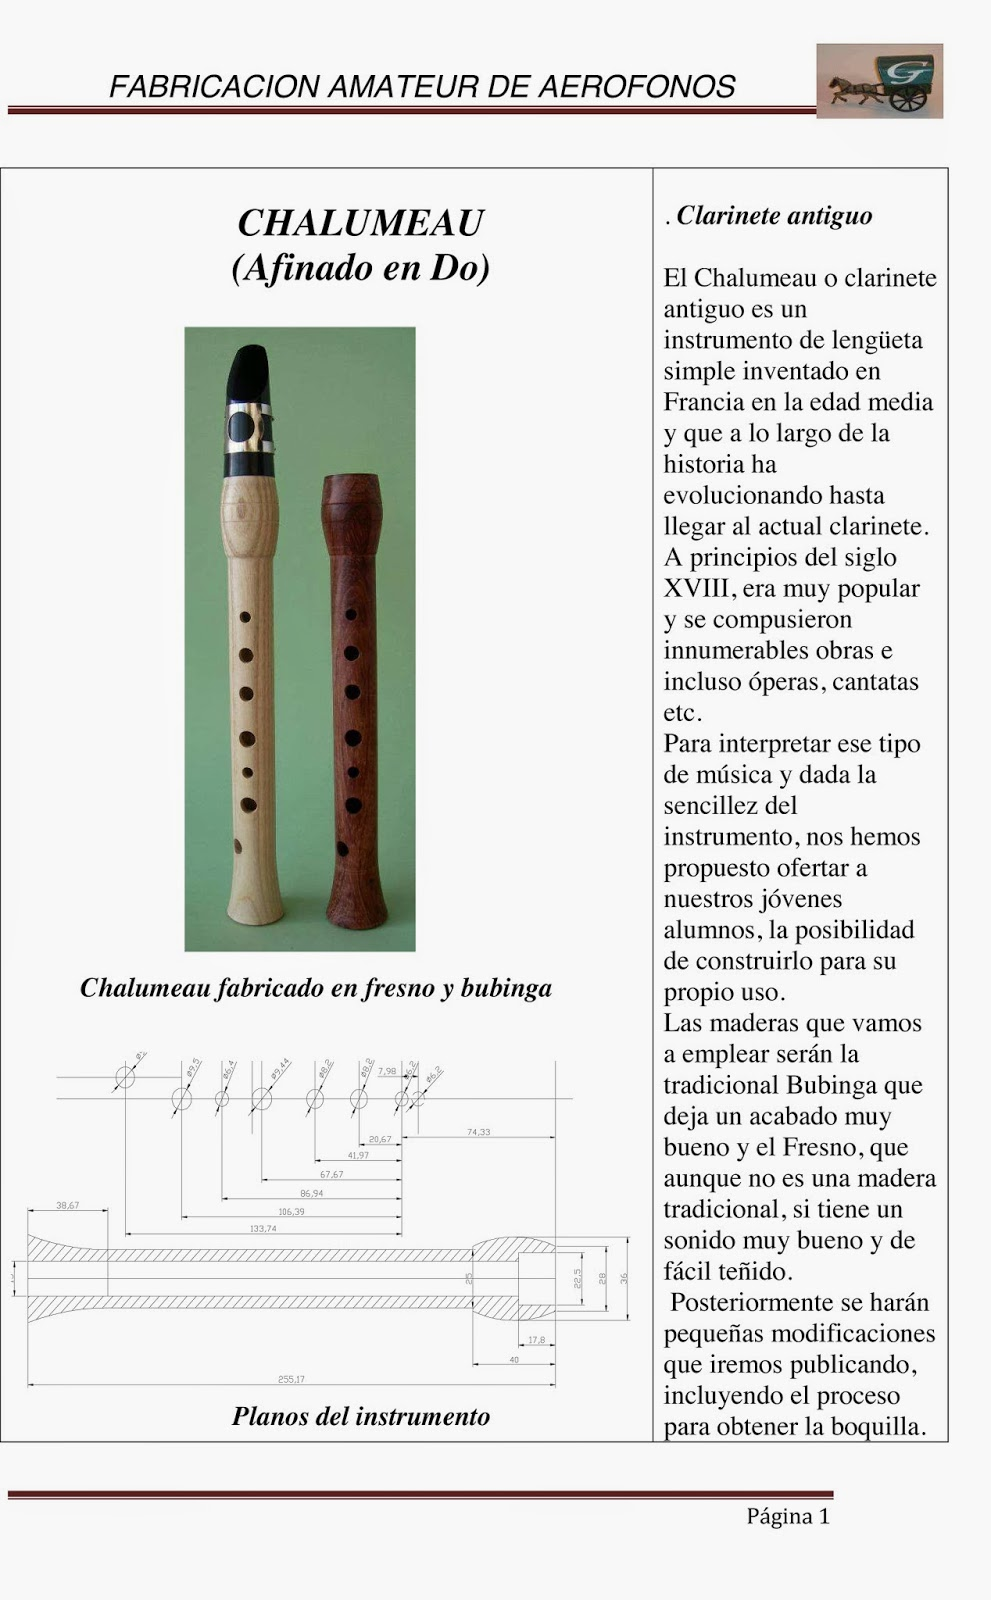 Cómo construir un Chalumeau afinado en Do (Clarinete antiguo) Construcción de un instrumento musical antecesor de Clarinete y Saxofón